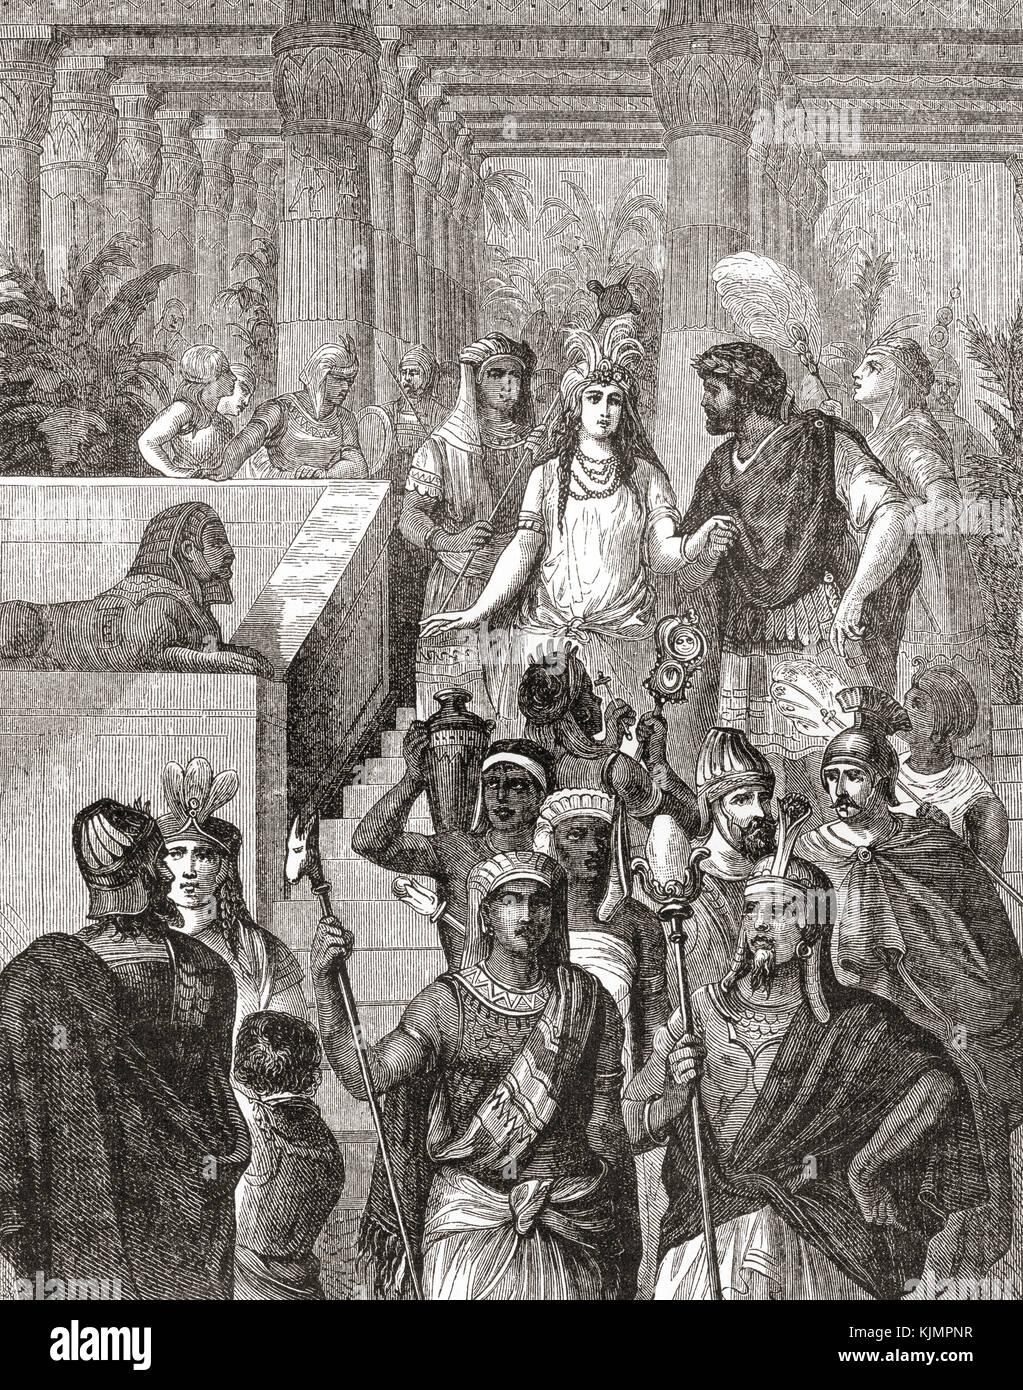 Antonio e Cleopatra in Egitto. cleopatra vii philopator, 69 - 30 bc, aka cleopatra. Attivo per ultimo dominatore Immagini Stock